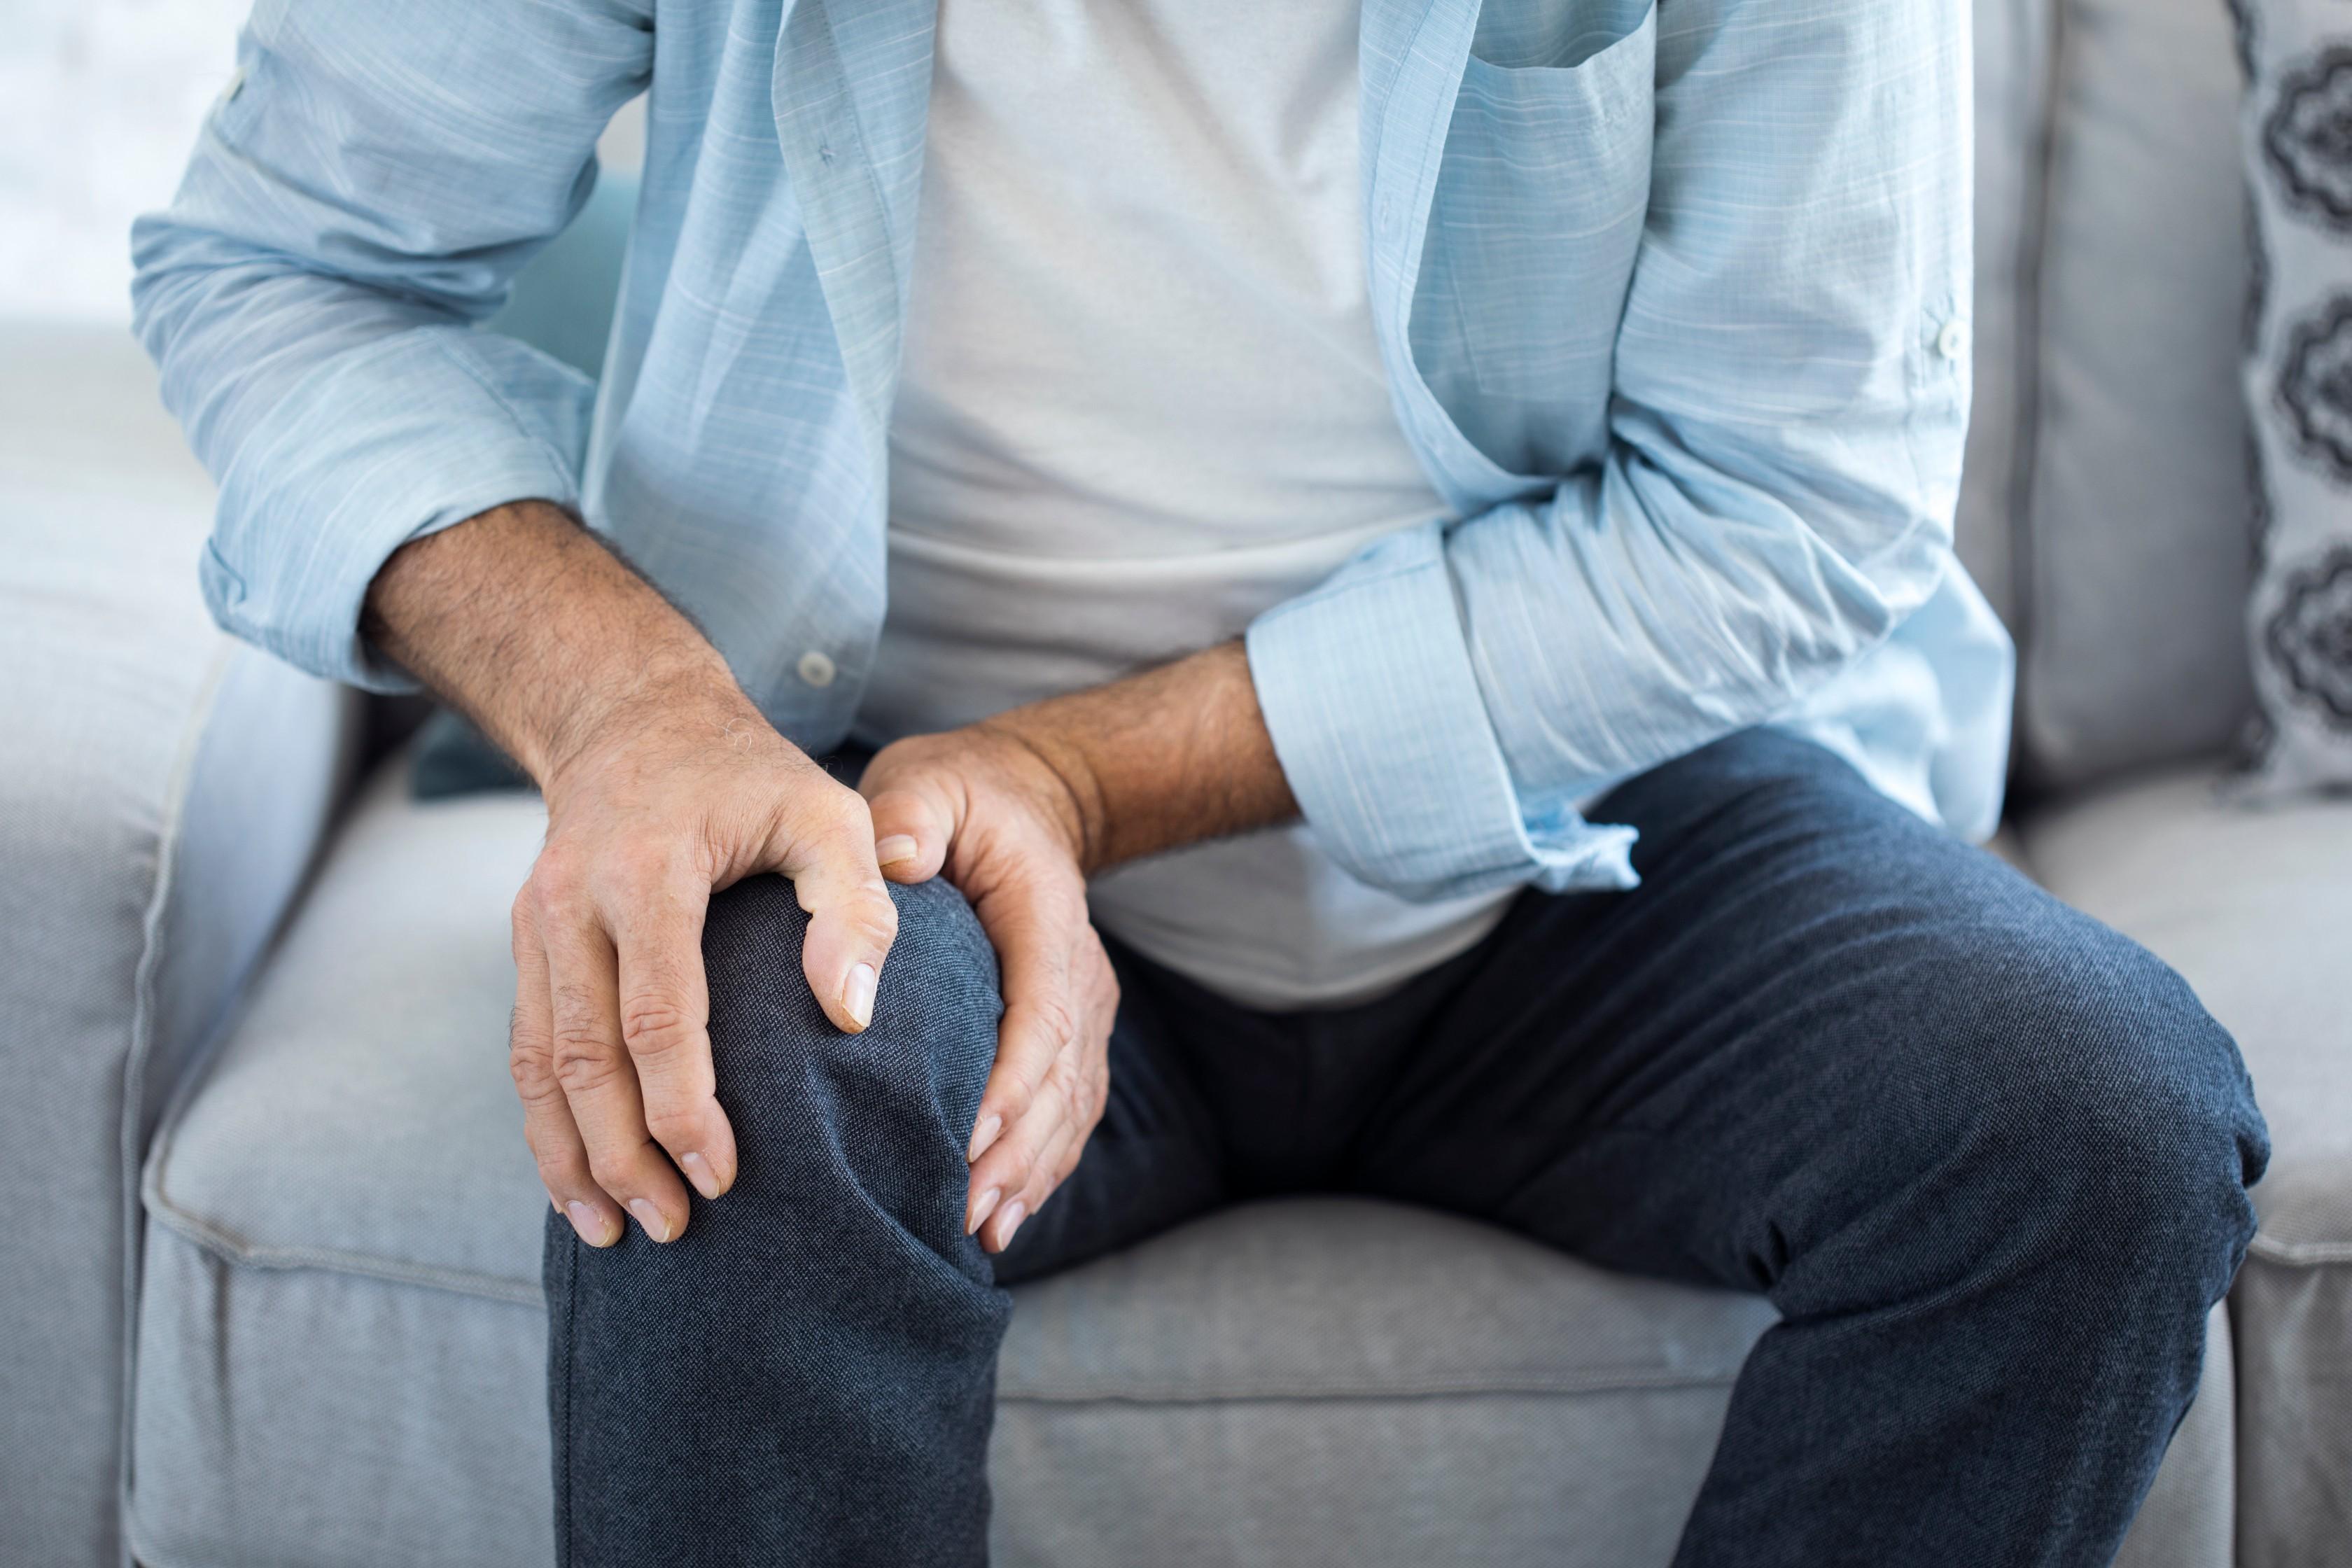 mi jobb ízületi fájdalommal átszúrni